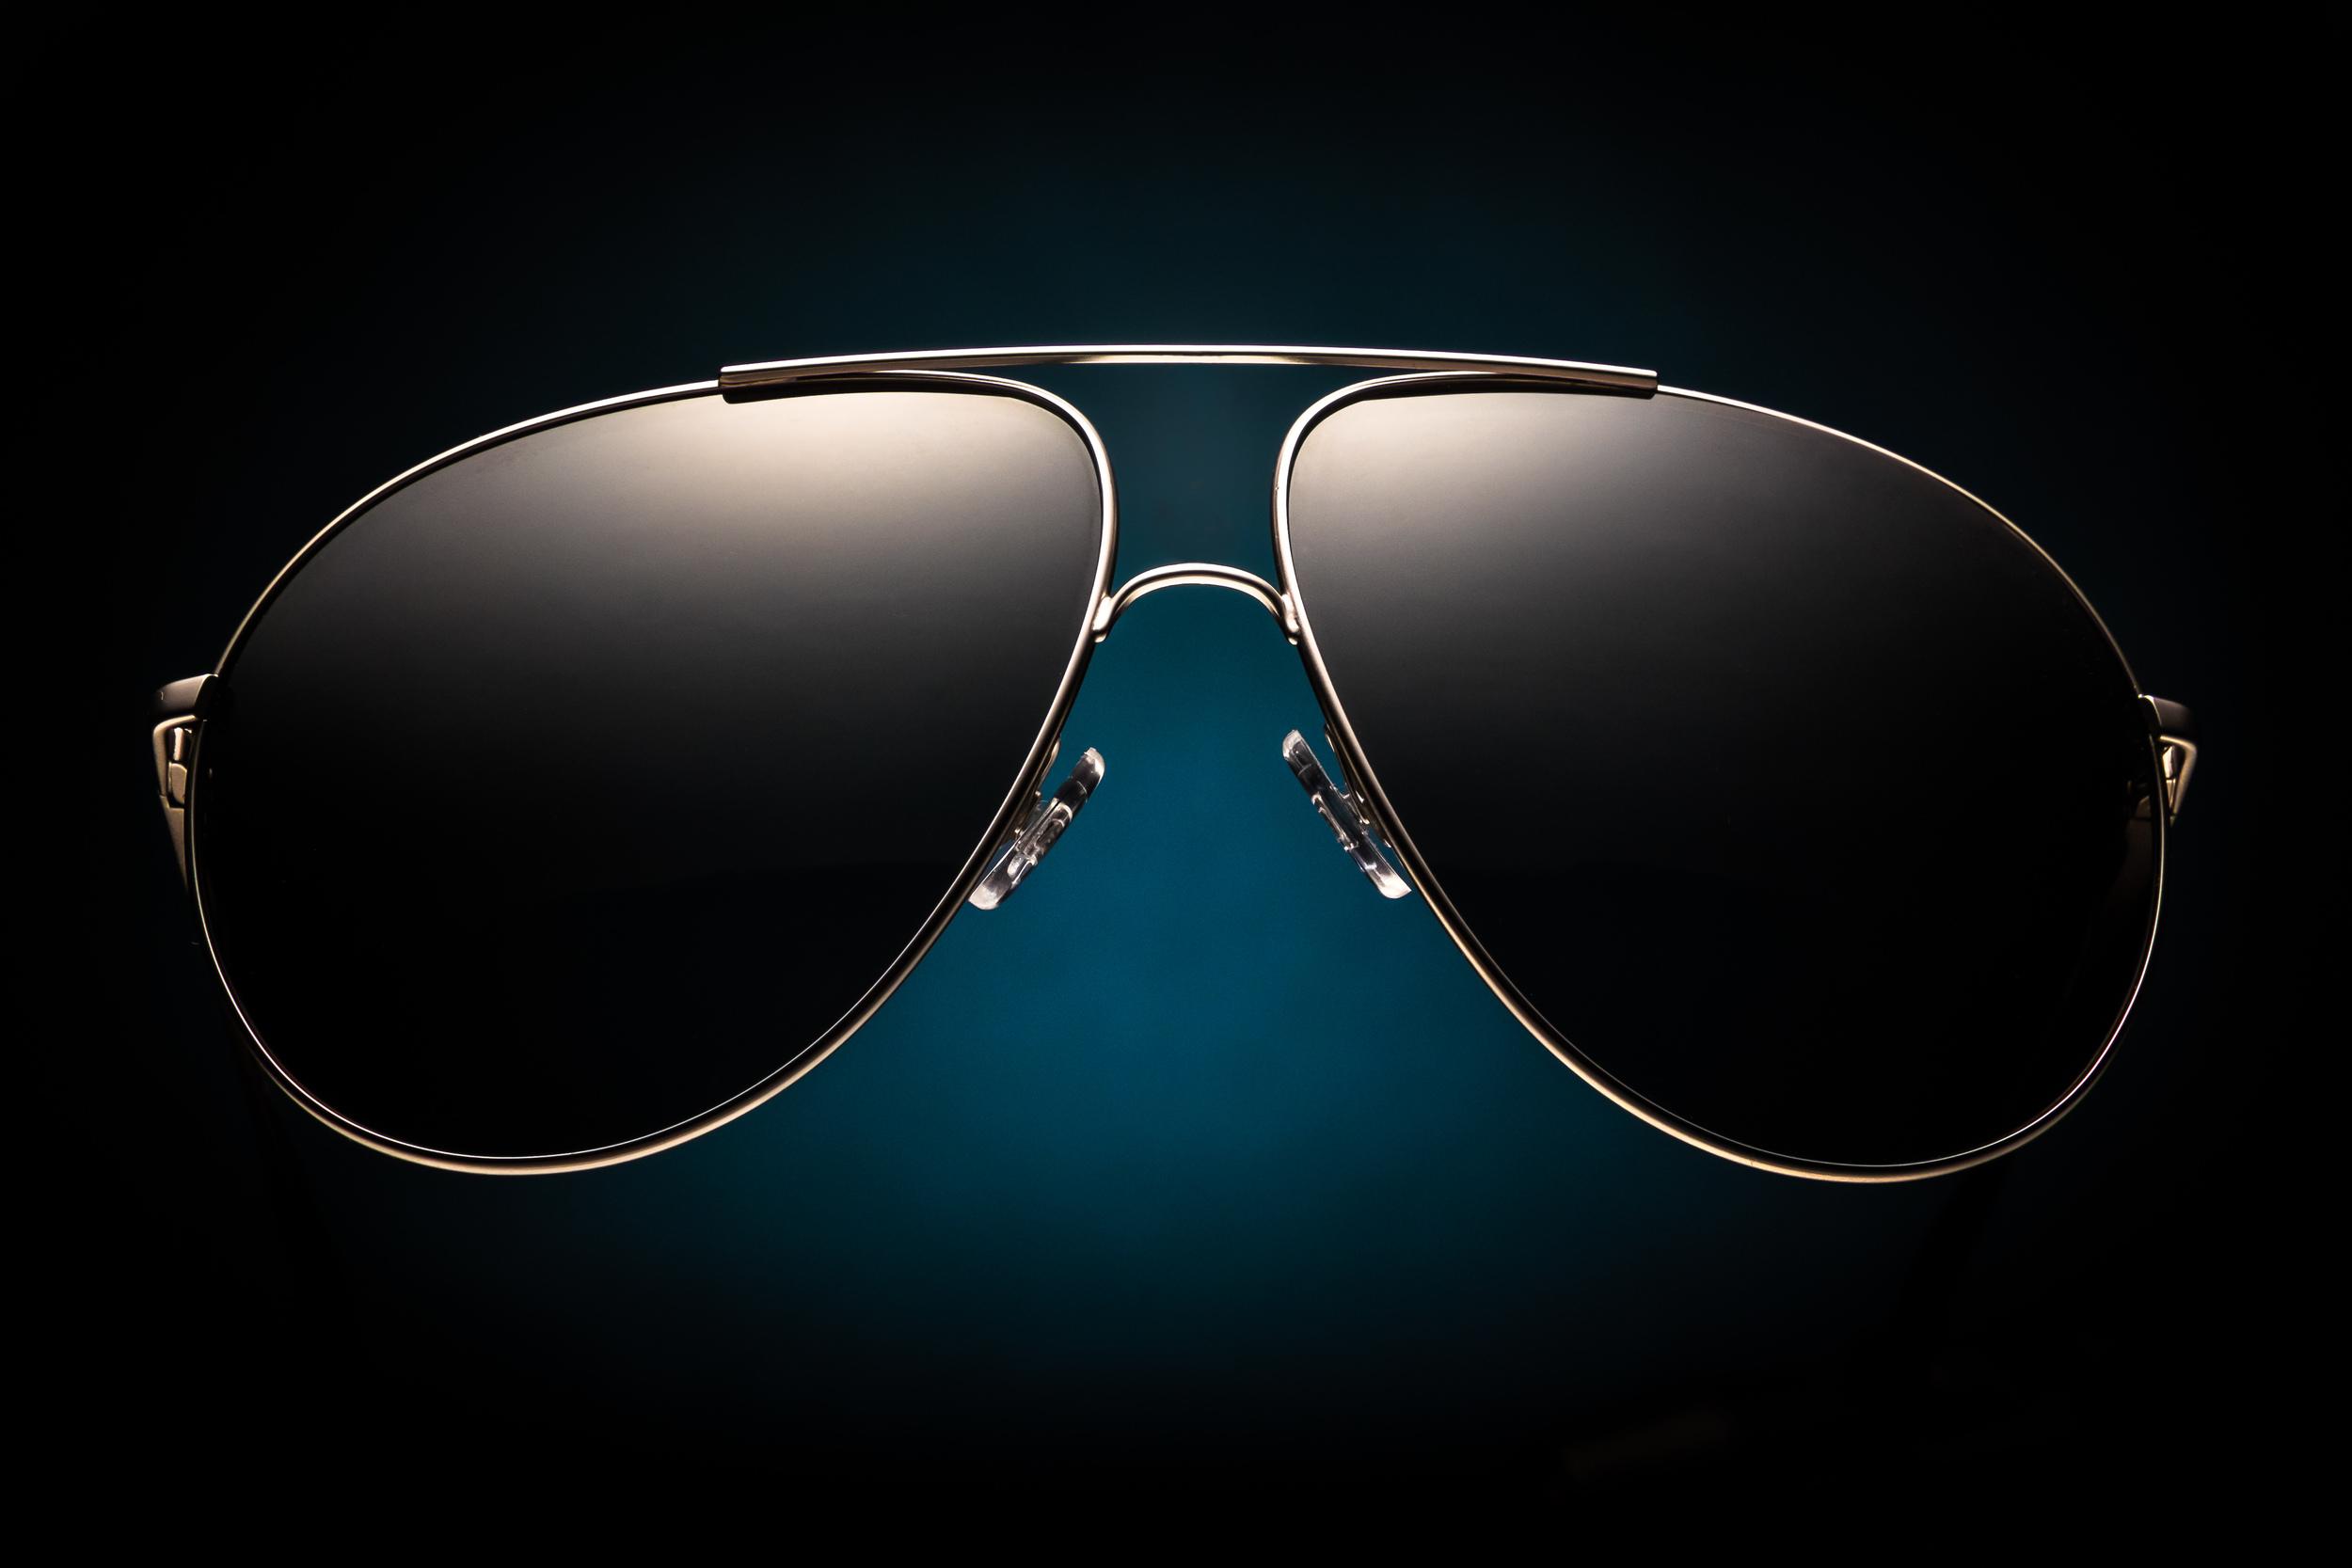 sunglasses-dark.jpg